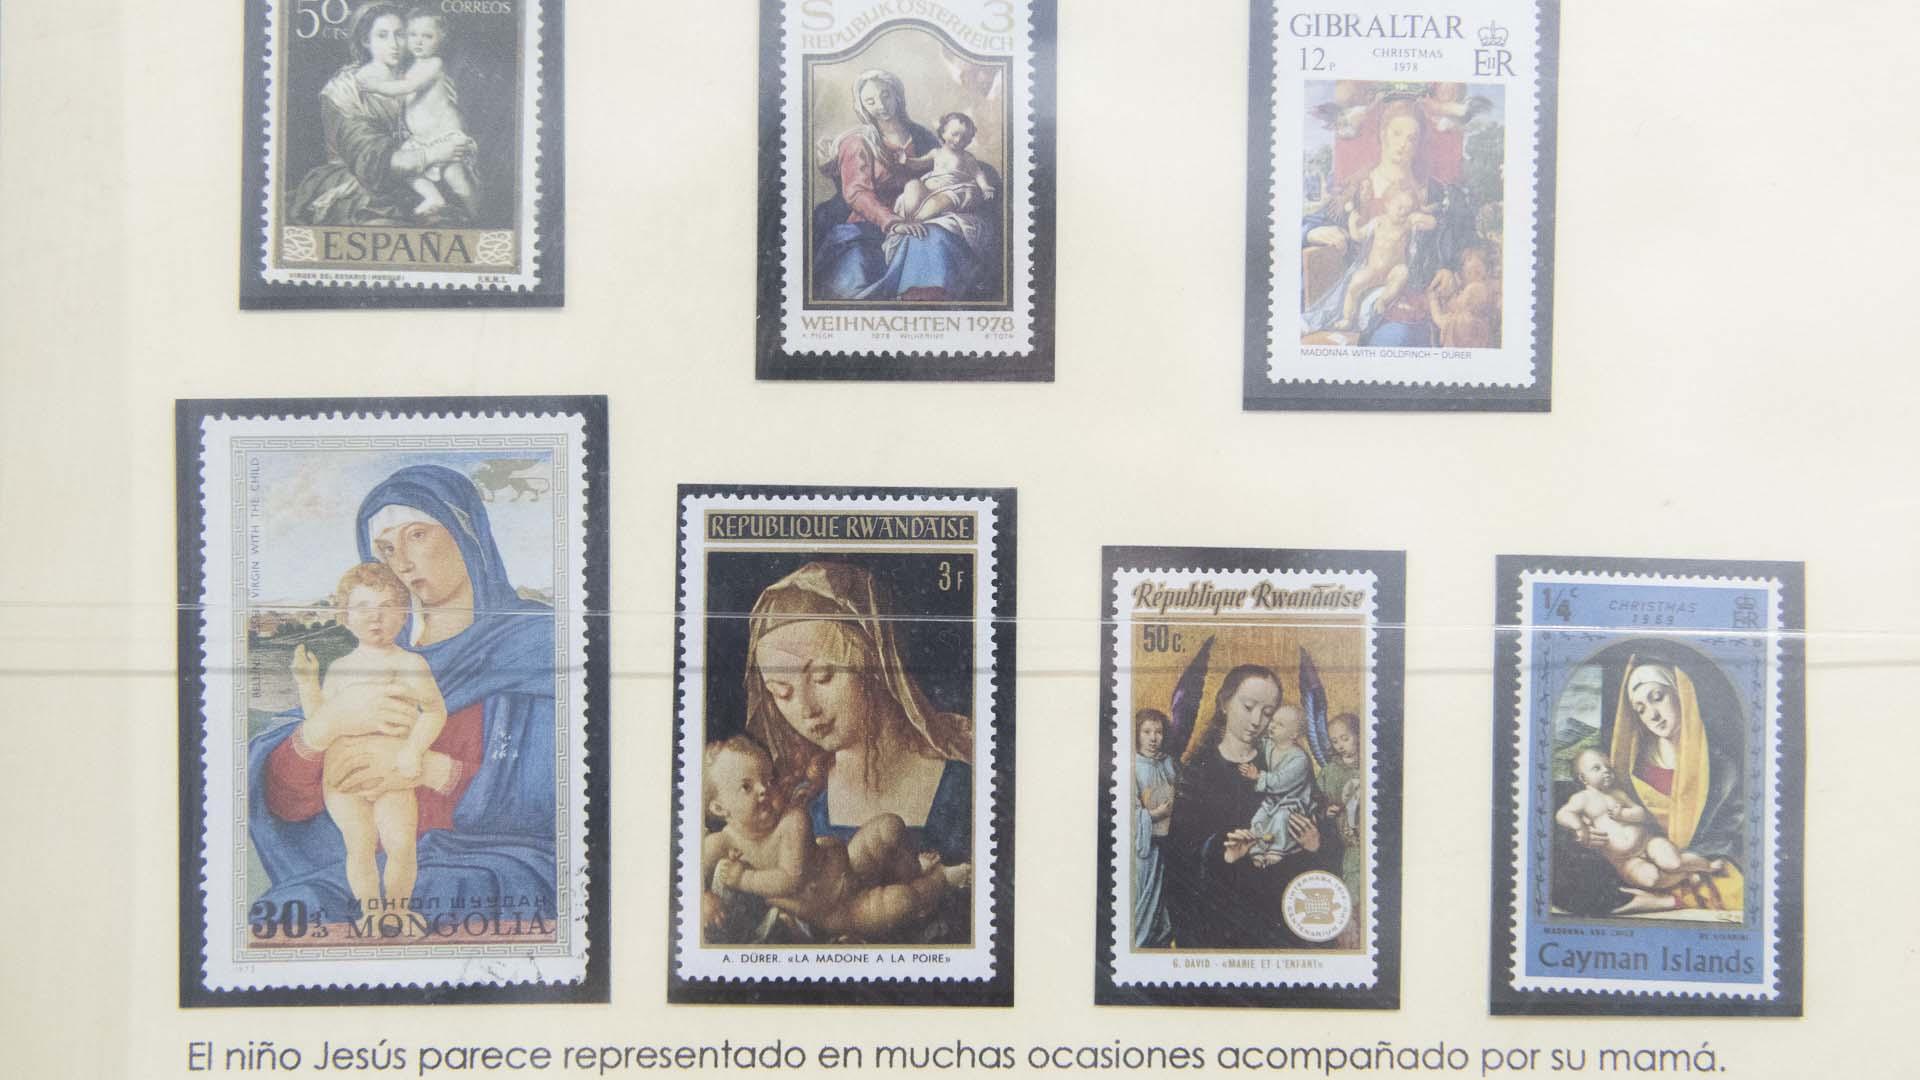 """Cada 21 de agosto se conmemora el día del sello postal y el del filatelista argentino. Ese día de 1850 la provincia de Corrientes emitió los primeros sellos argentinos que pertenecen actualmente a la colección de Casielles. """"Eran un homenaje a la cultura, a la naturaleza, a la flora y la fauna, a la diversidad de la historia de nuestro país"""", expresó"""